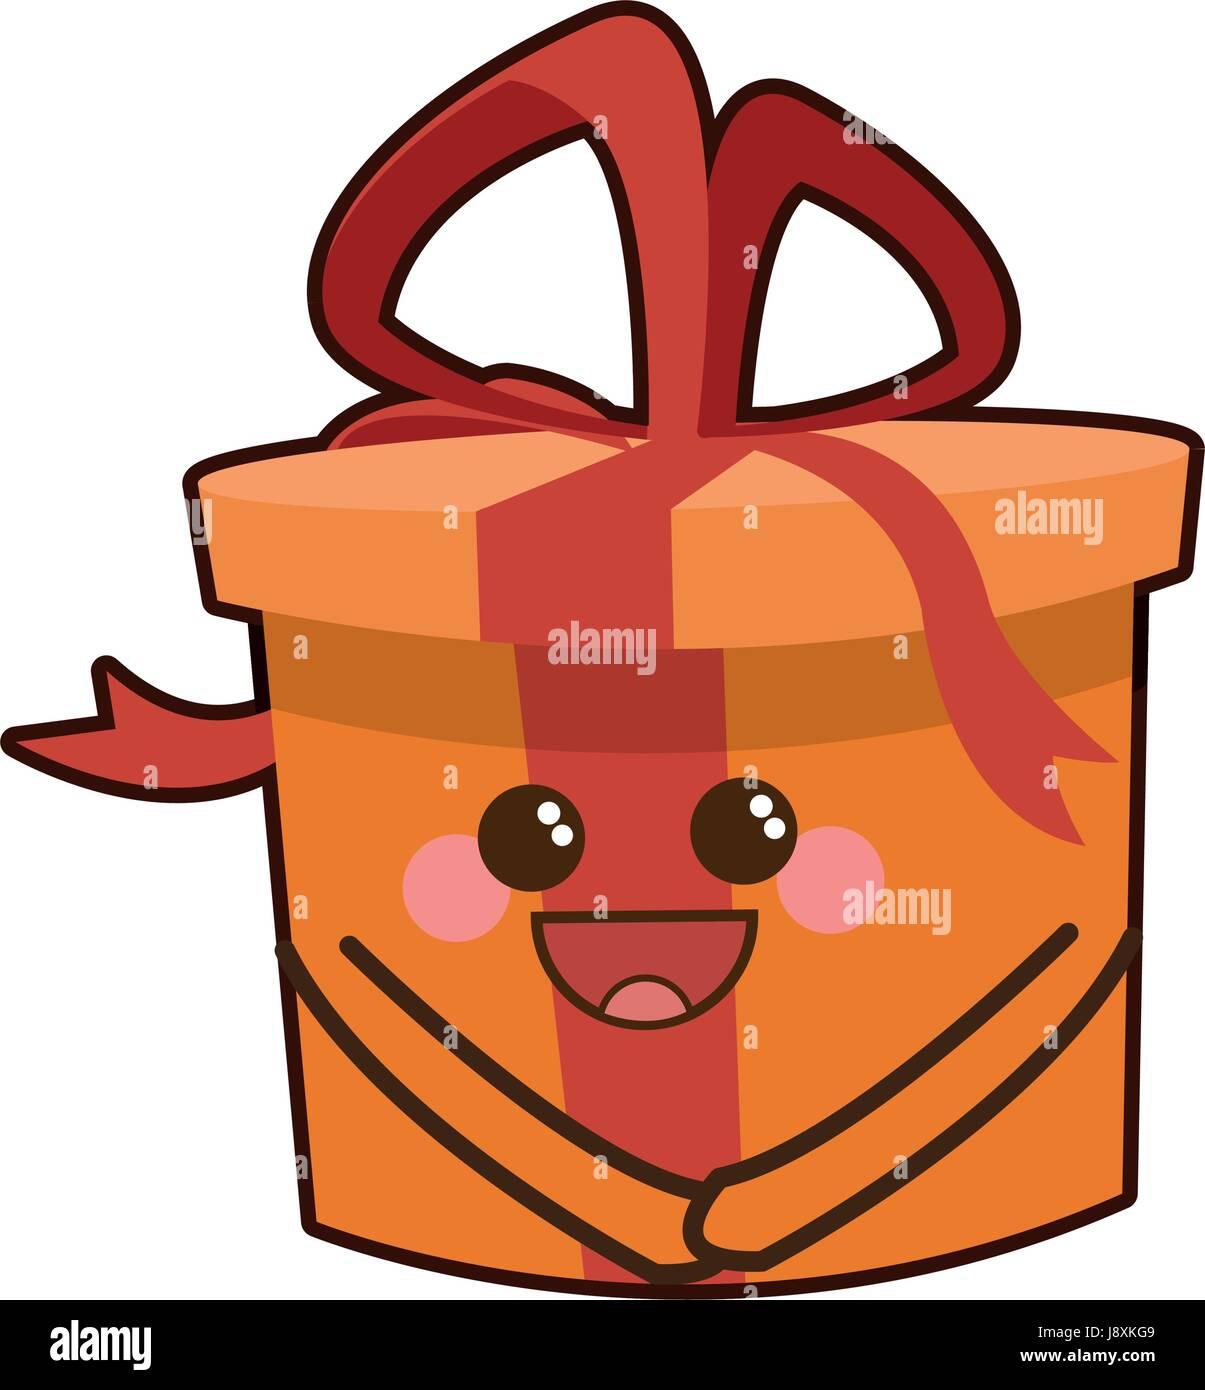 Boîte Cadeau Kawaii Célébration Fête Icône Dessin Animé